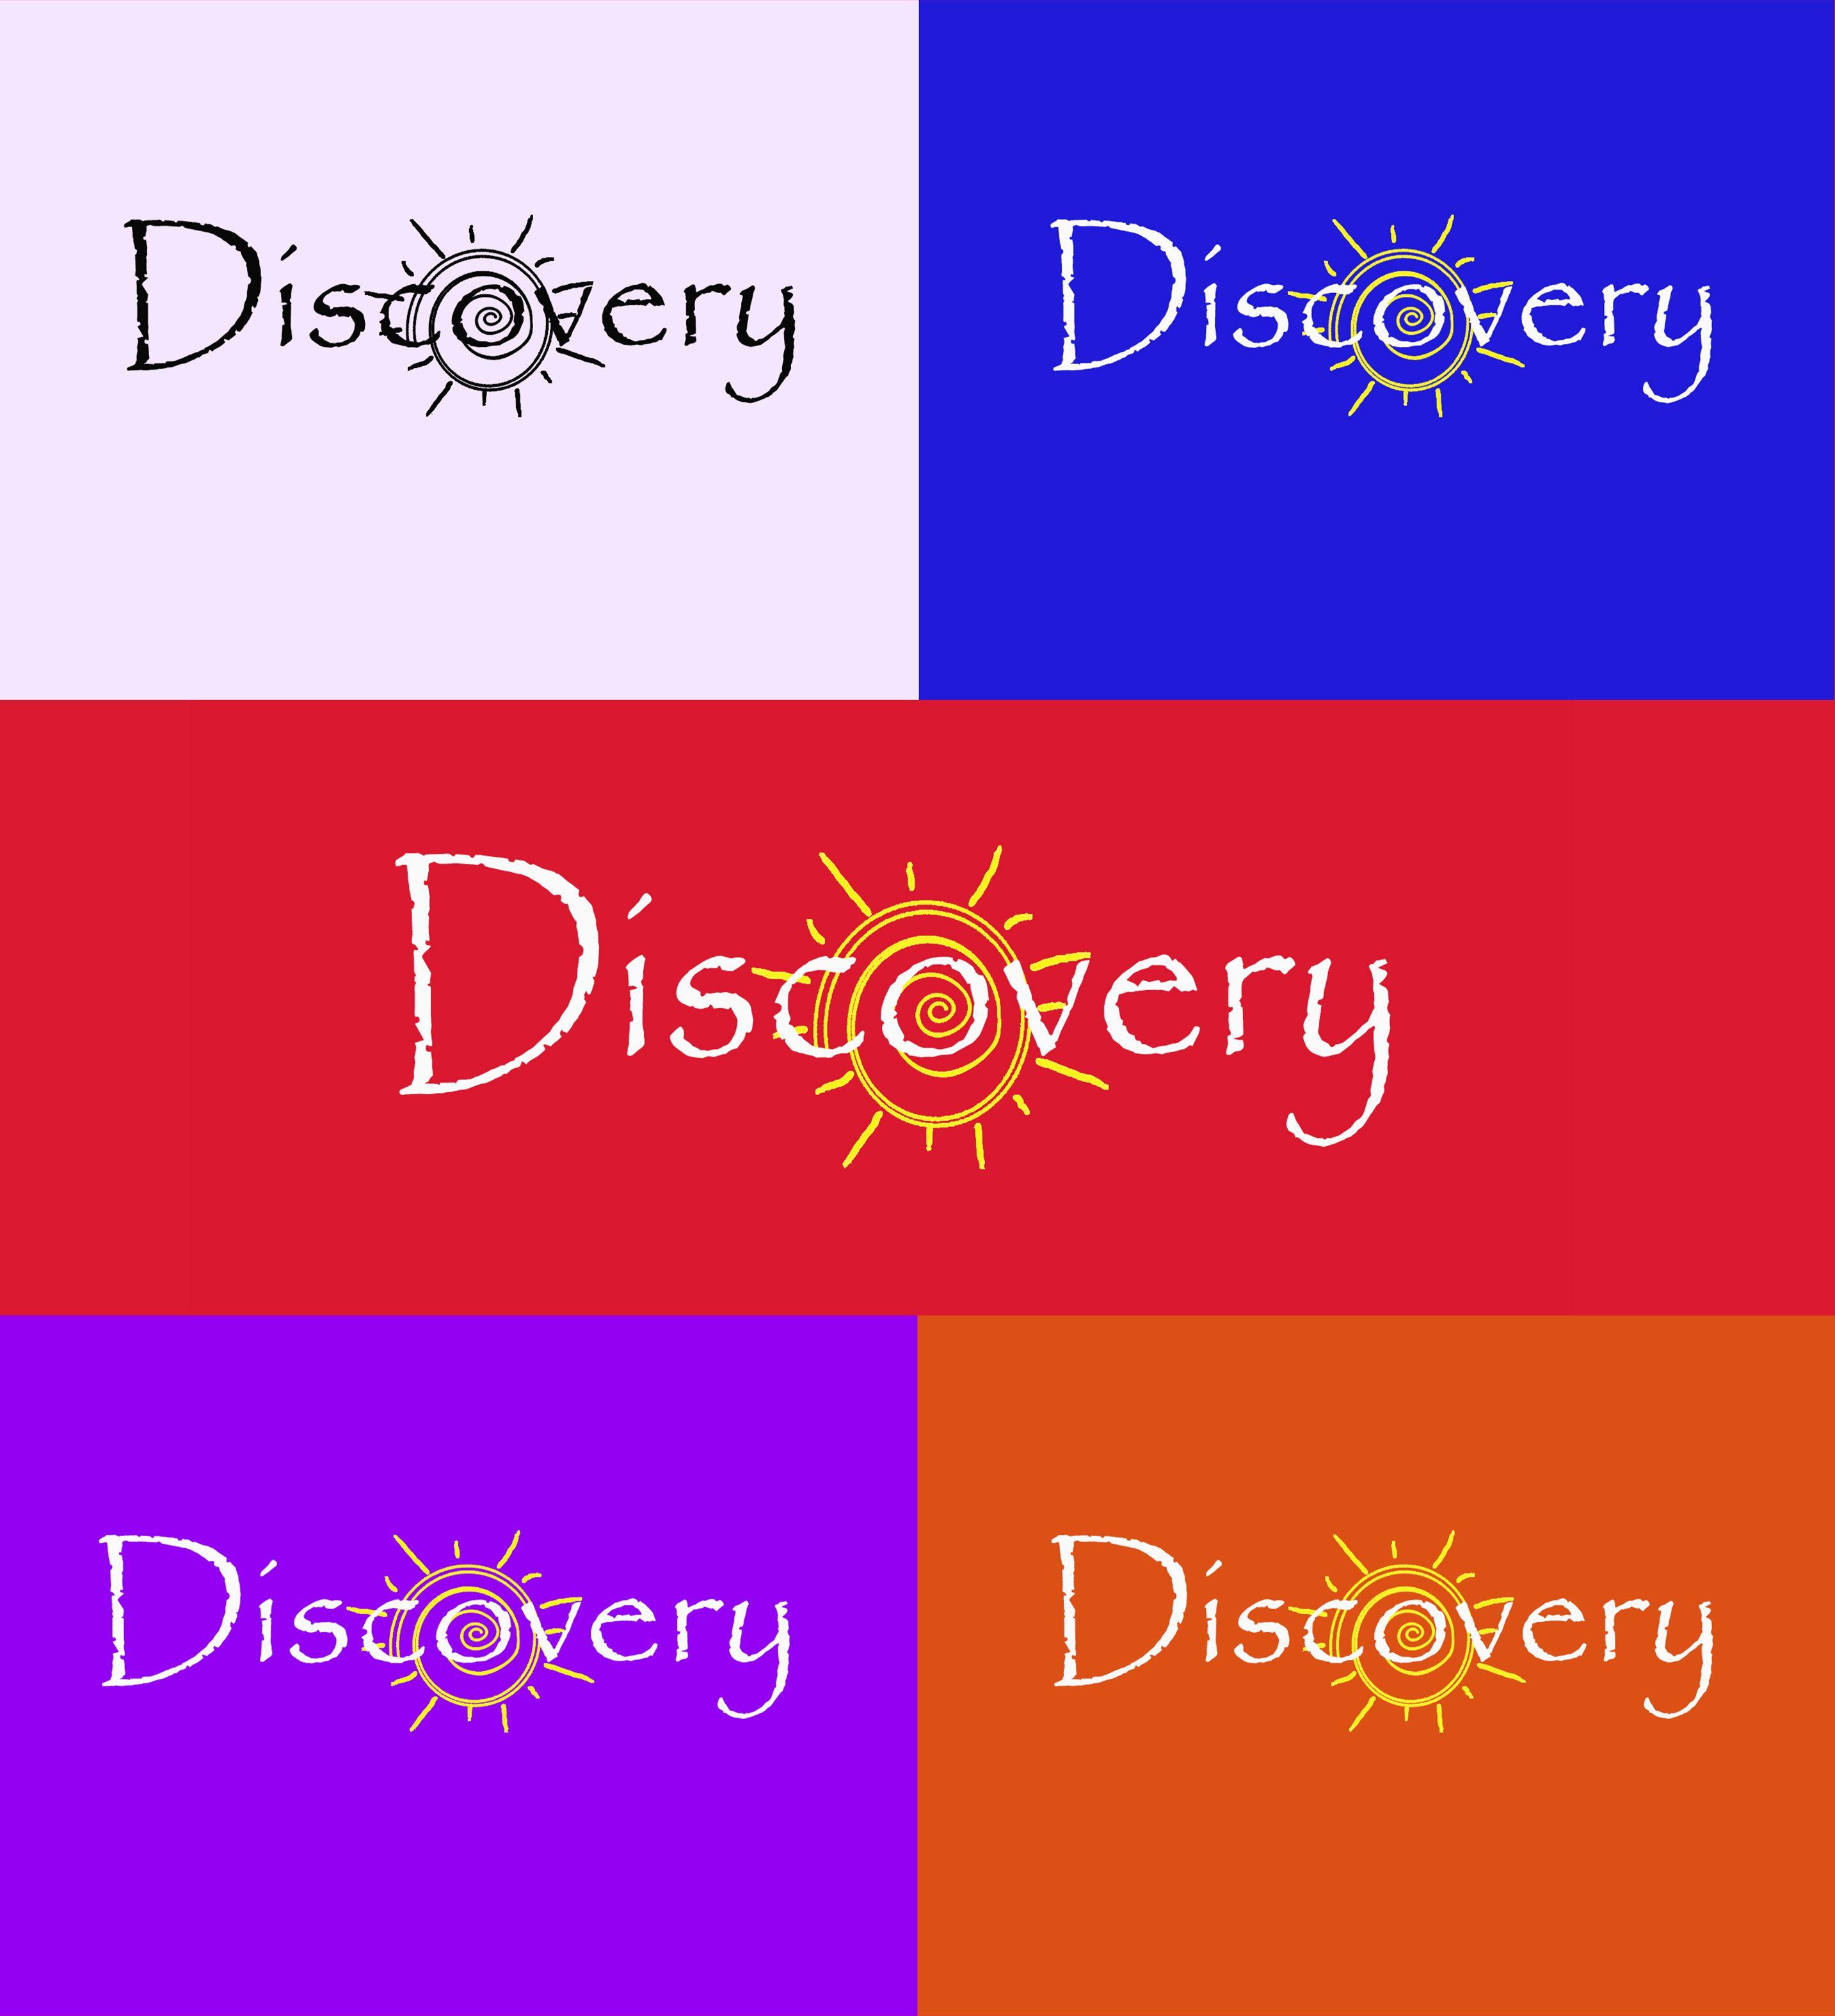 Логотип и фирм стиль для турагентства Discovery - дизайнер EVA23